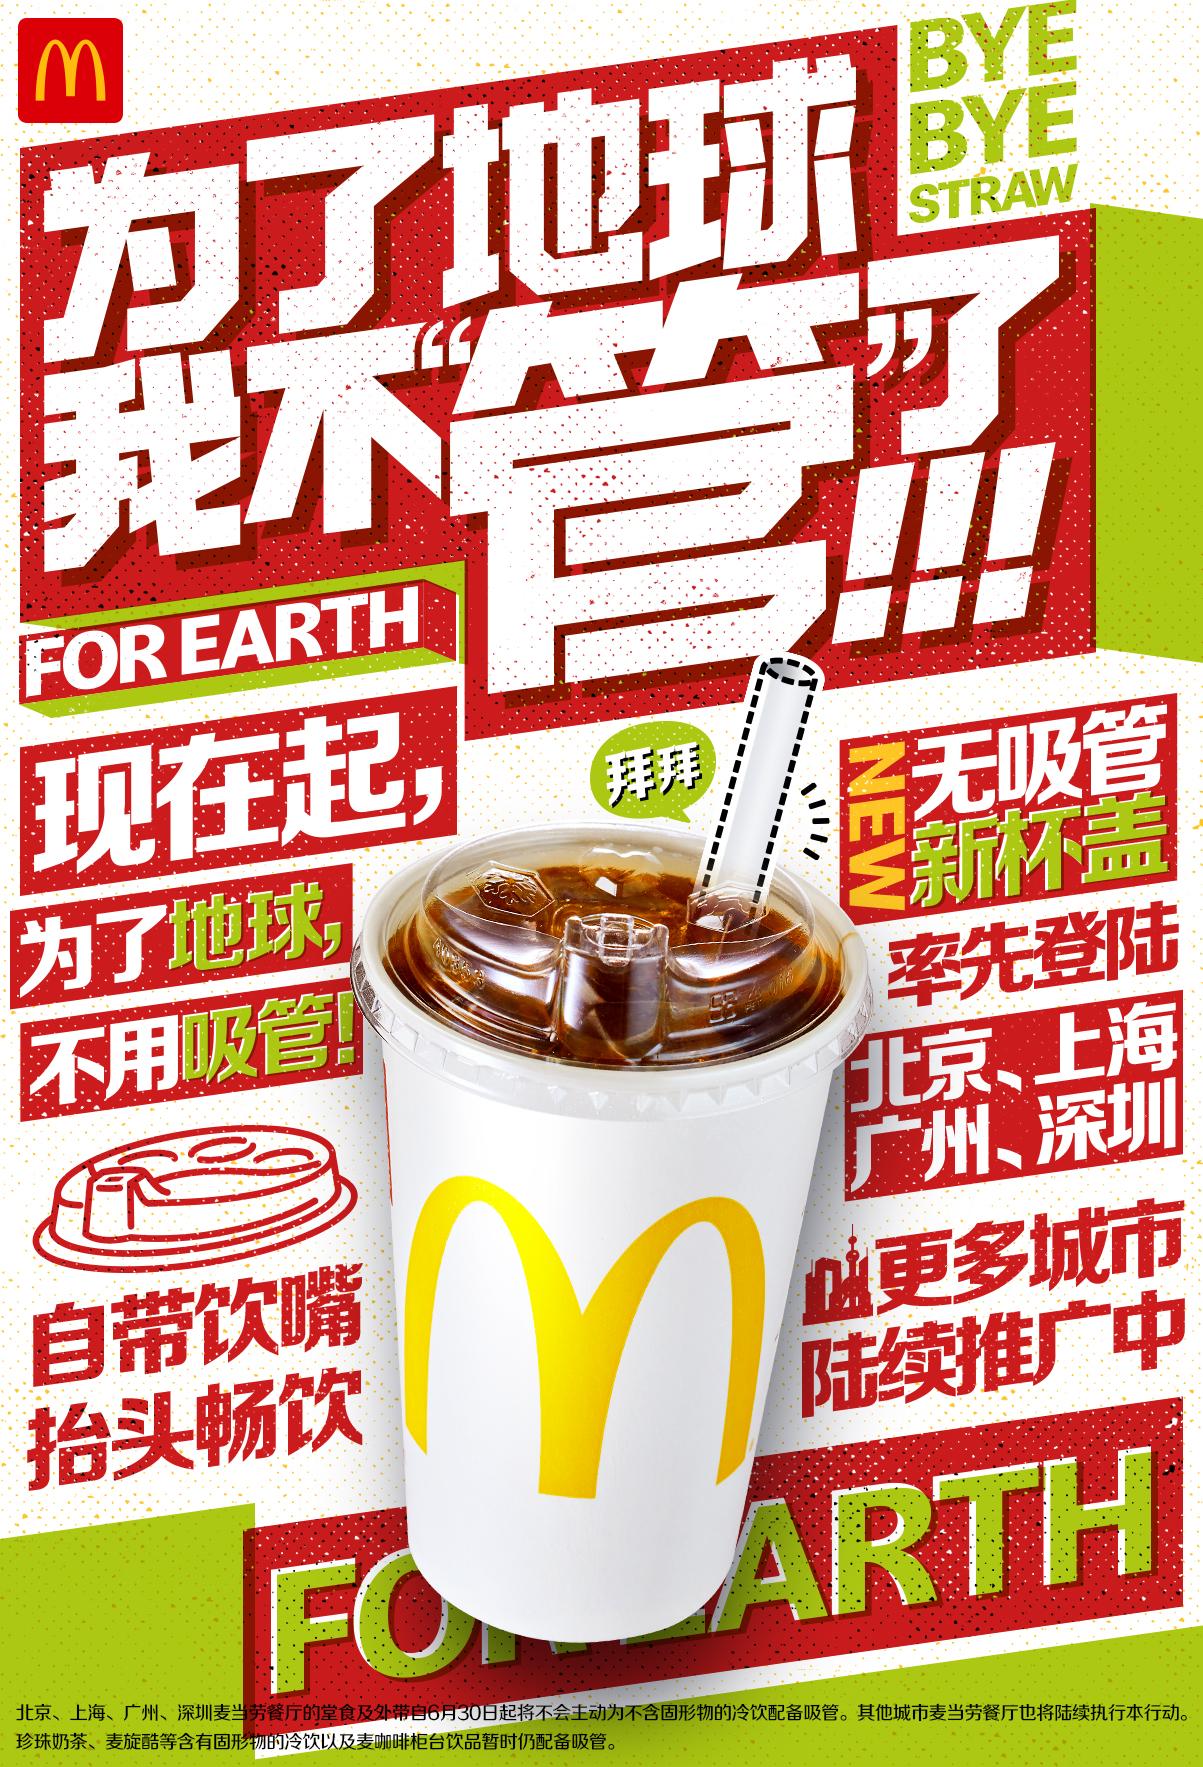 麦当劳中国逐步停用塑料吸管每年减400吨塑料用量